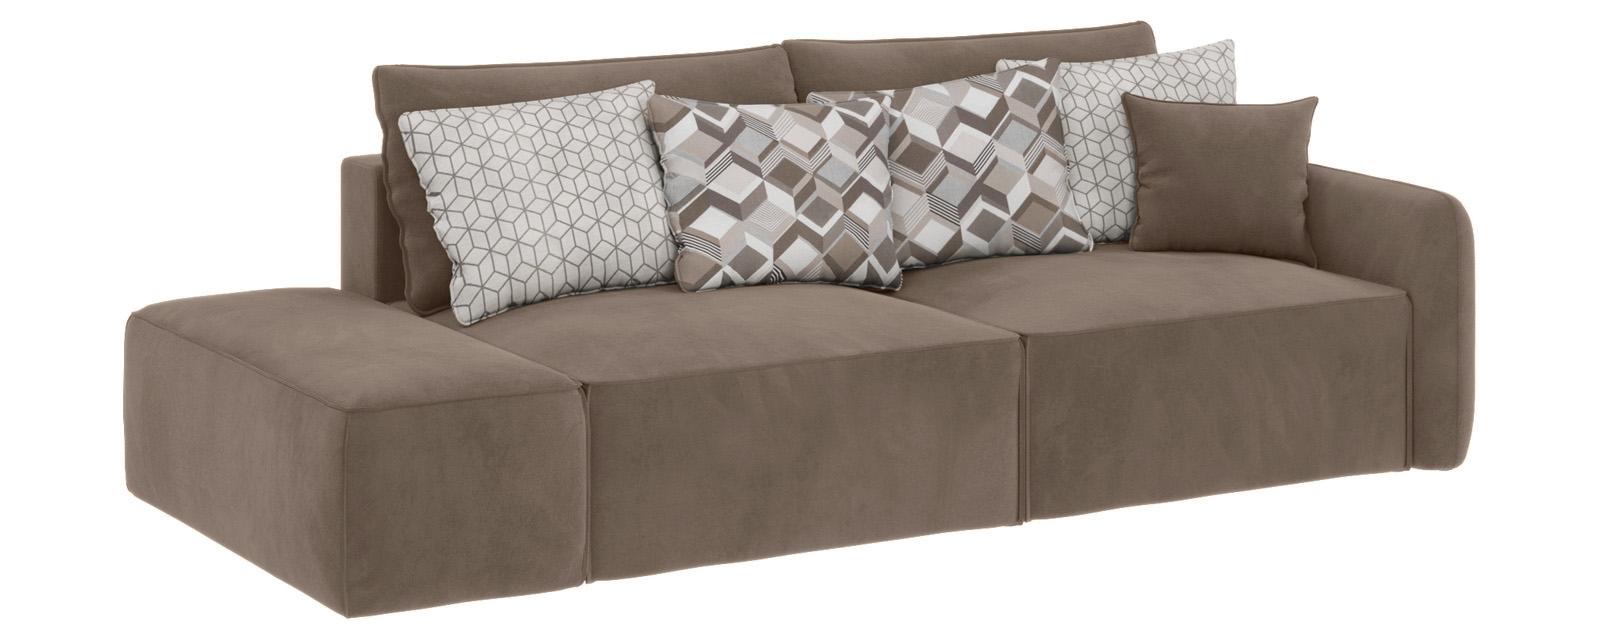 Модульный диван Портленд вариант №2 Soft темно-бежевый (Вел-флок, правый)